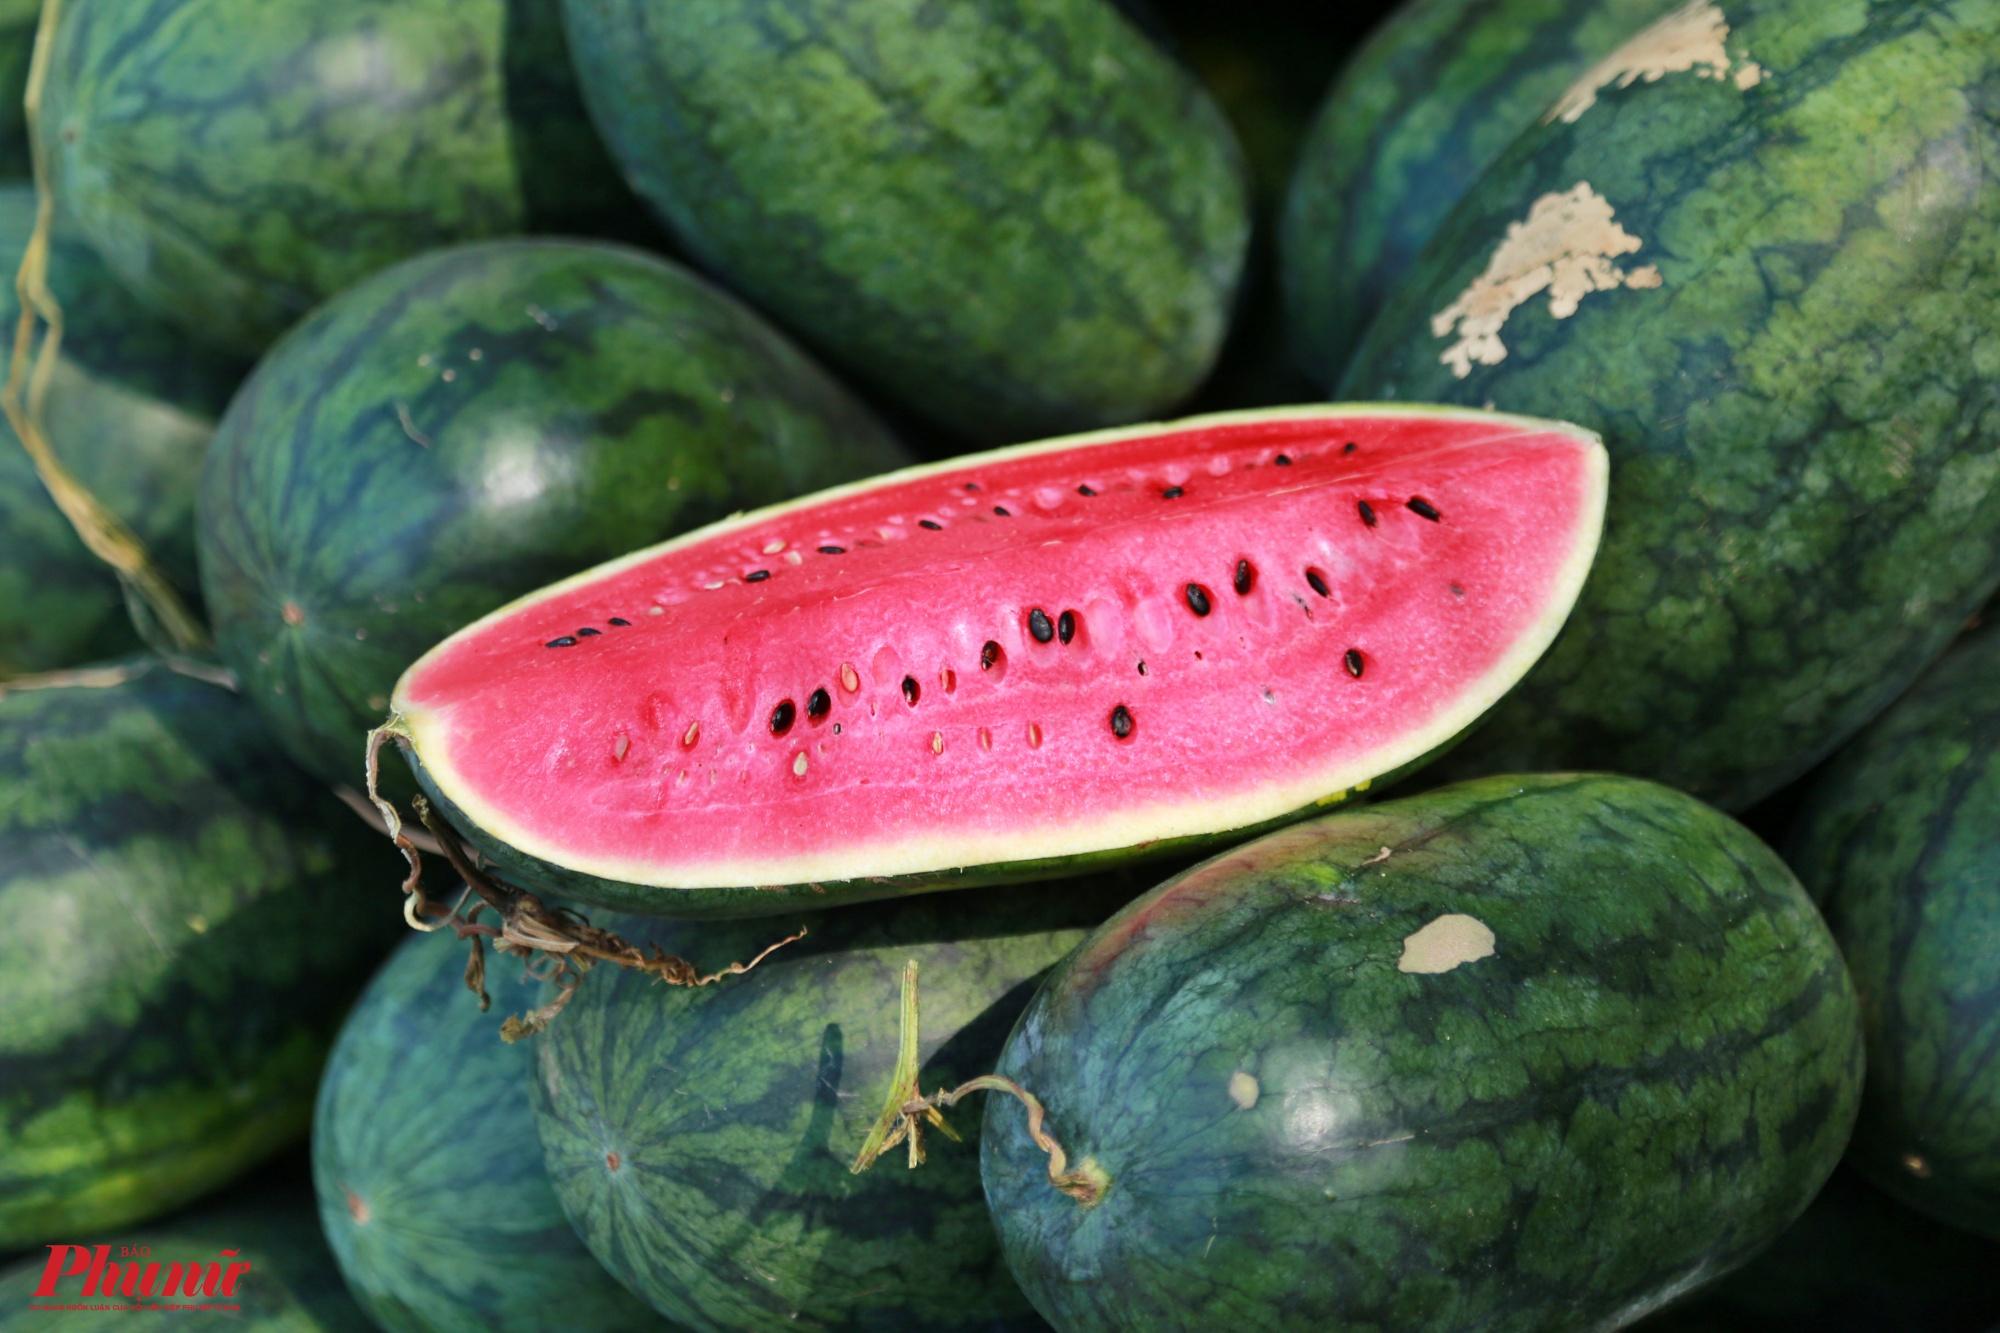 Hàng trăm tấn dưa hấu của nông dân trồng ở tỉnh Gia Lai chủ yếu xuất khẩu qua Trung Quốc nay bị ùn ứ do cửa khẩu đóng vì virus corona